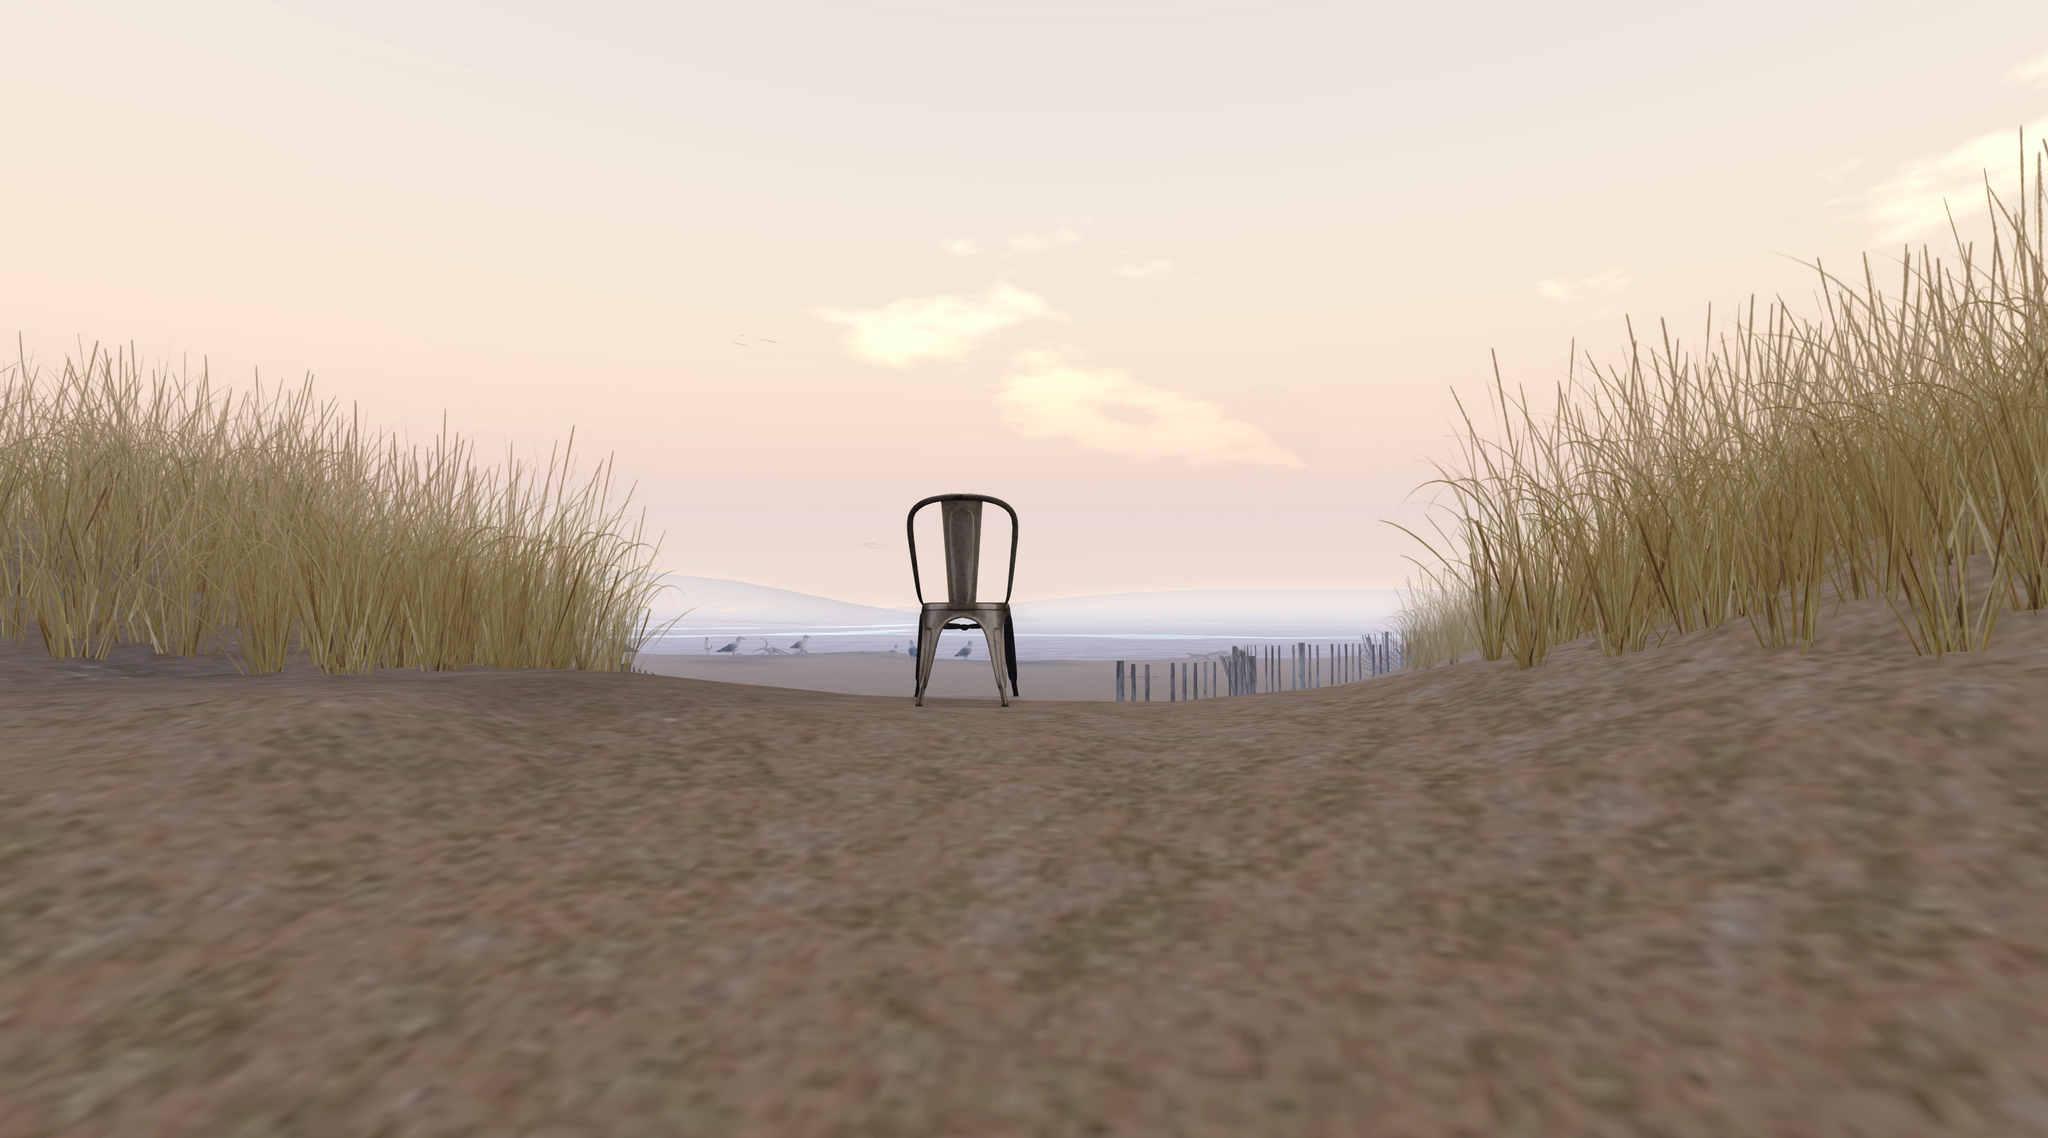 Solitudes 6, by Melusina Parkin